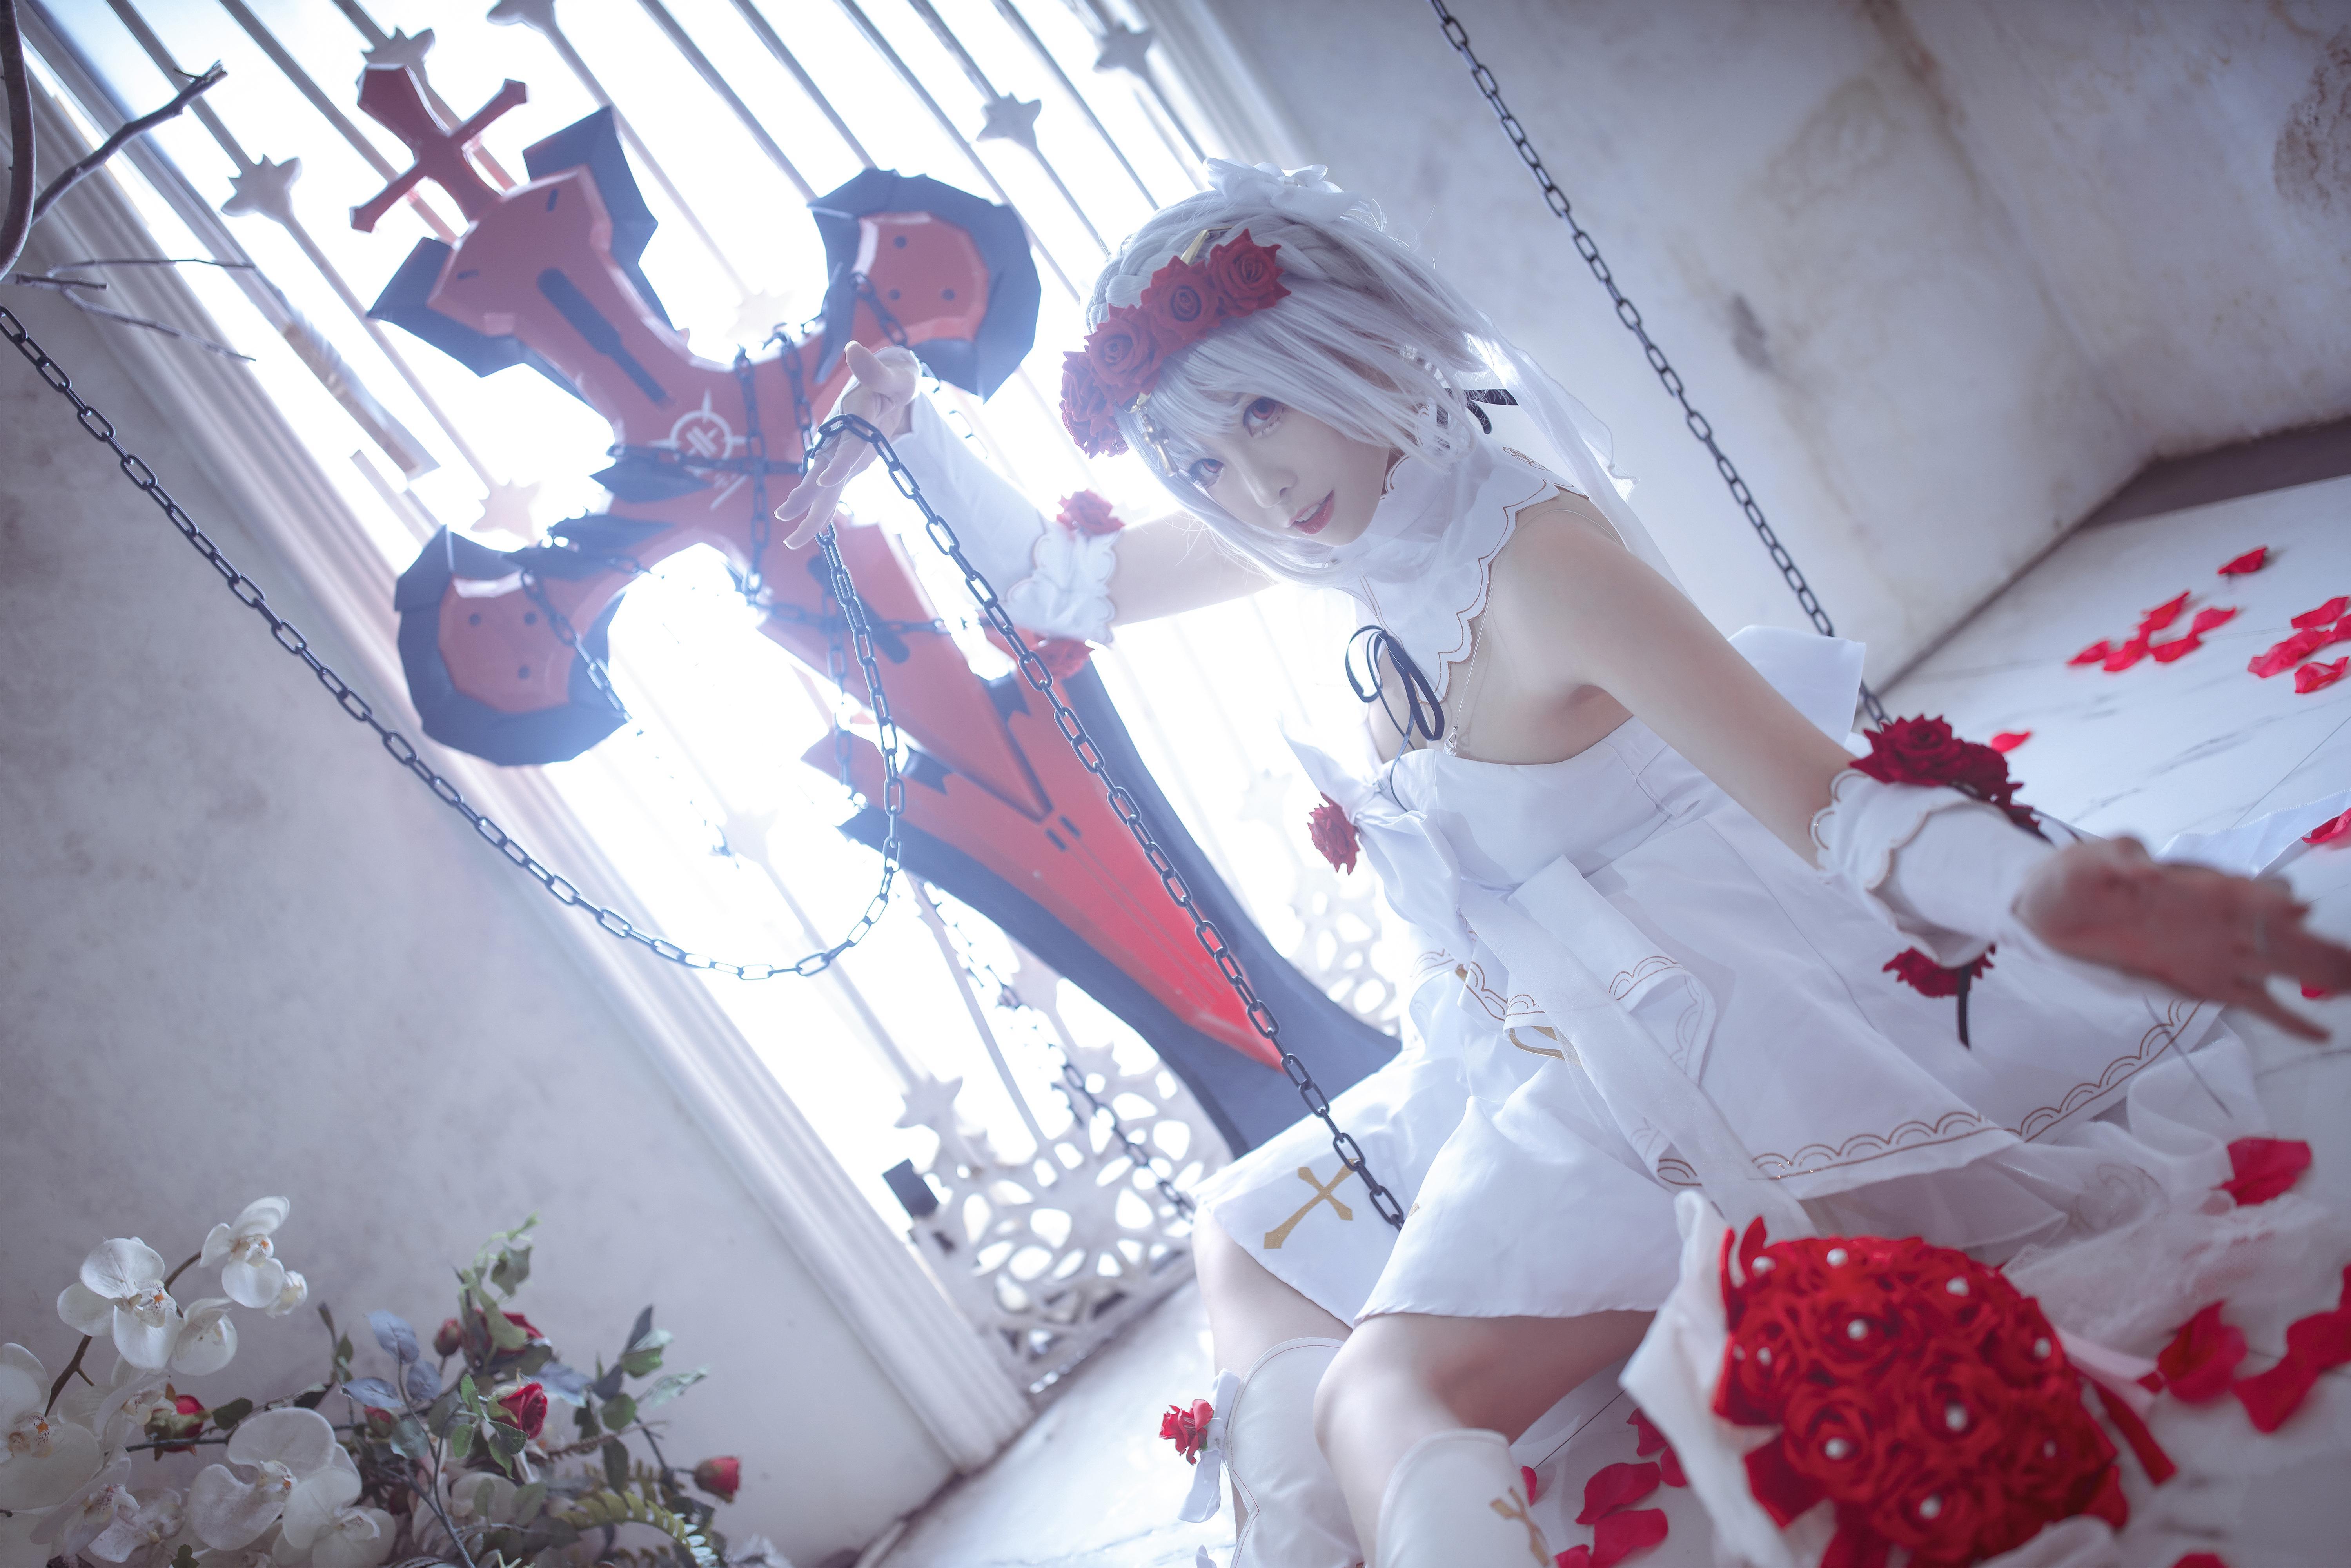 《崩坏学园》正片cosplay【CN:樱岛嗷一】-第4张